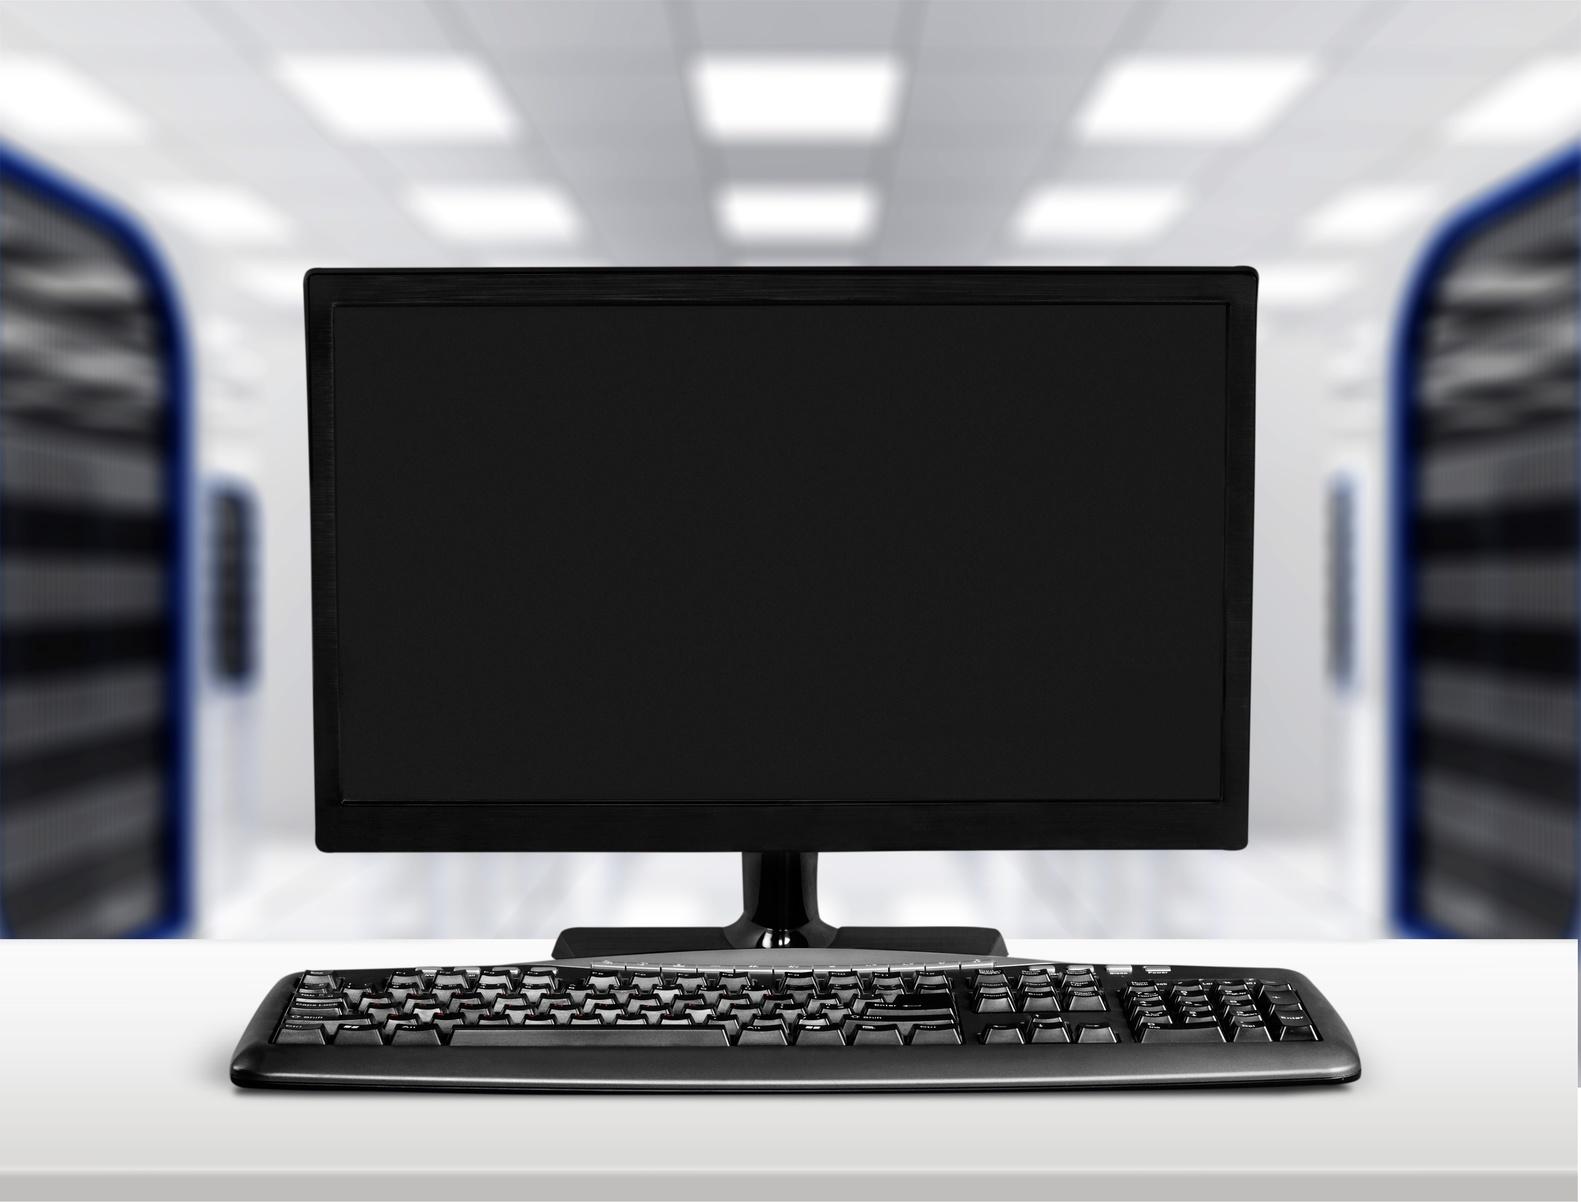 コンピュータ 動か ない